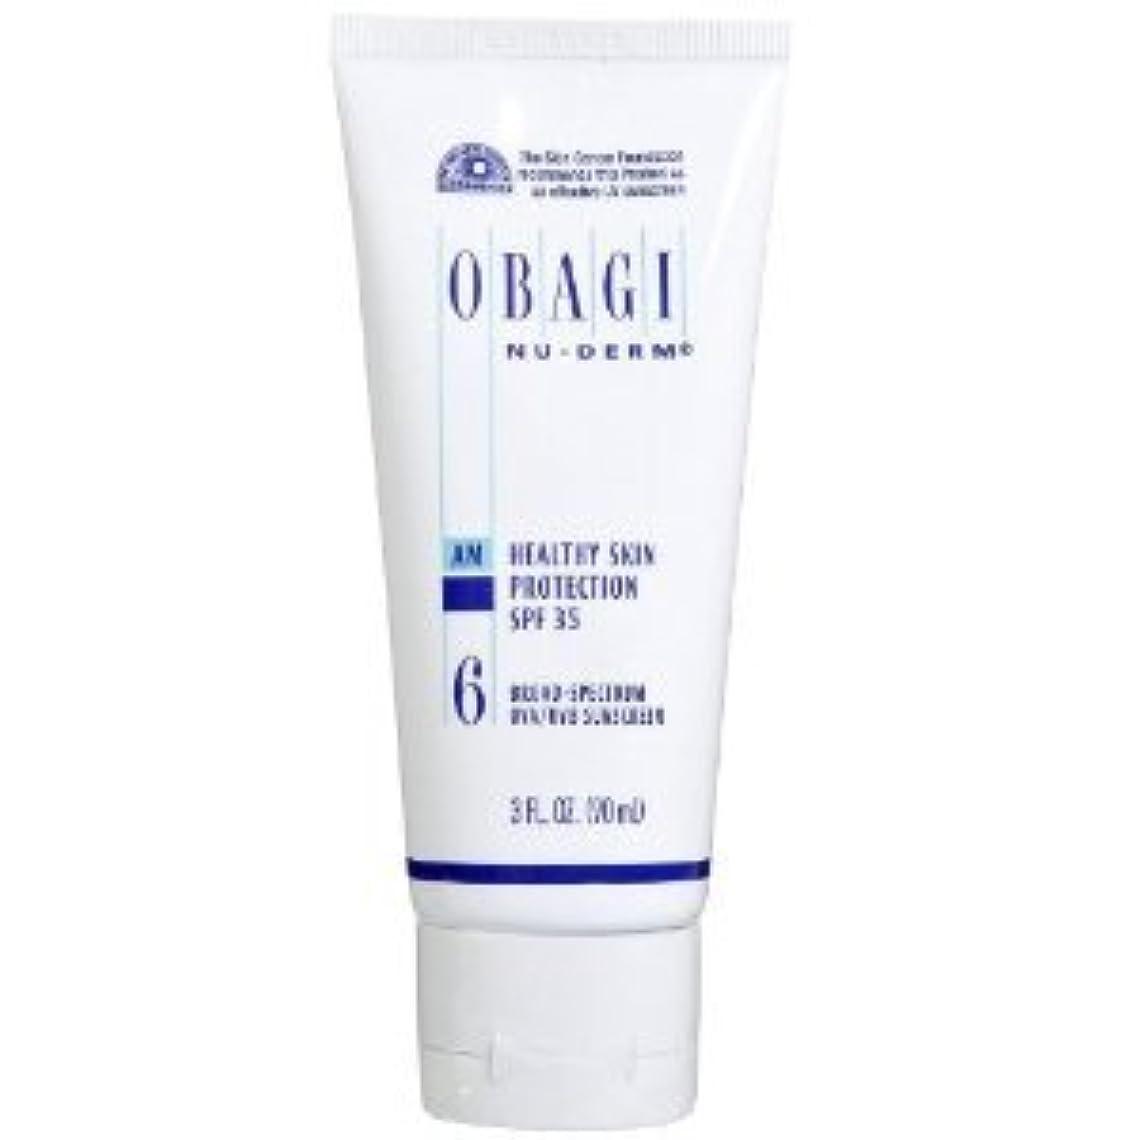 旋律的斧中止しますオバジ ニューダーム スキンプロテクション サンスクリーン(SPF35) Obagi Nu-Derm Healthy Skin Protection SPF 35 Sunscreens